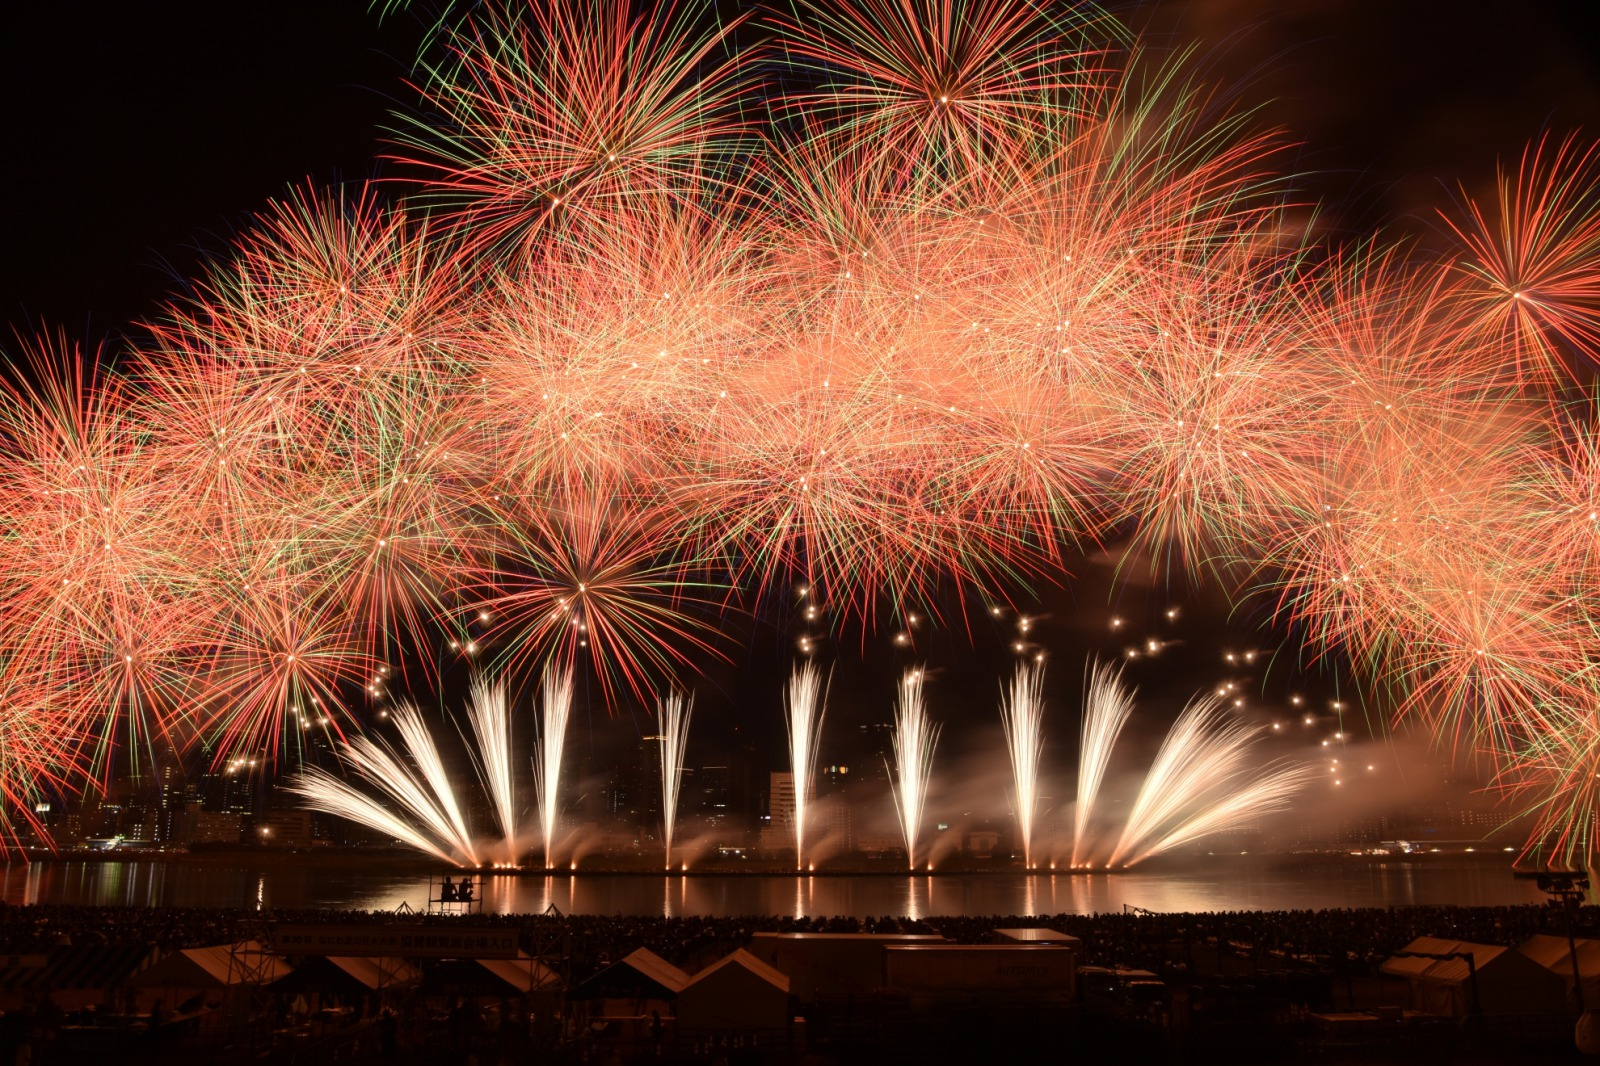 31st Naniwa Yodogawa Fireworks Festival